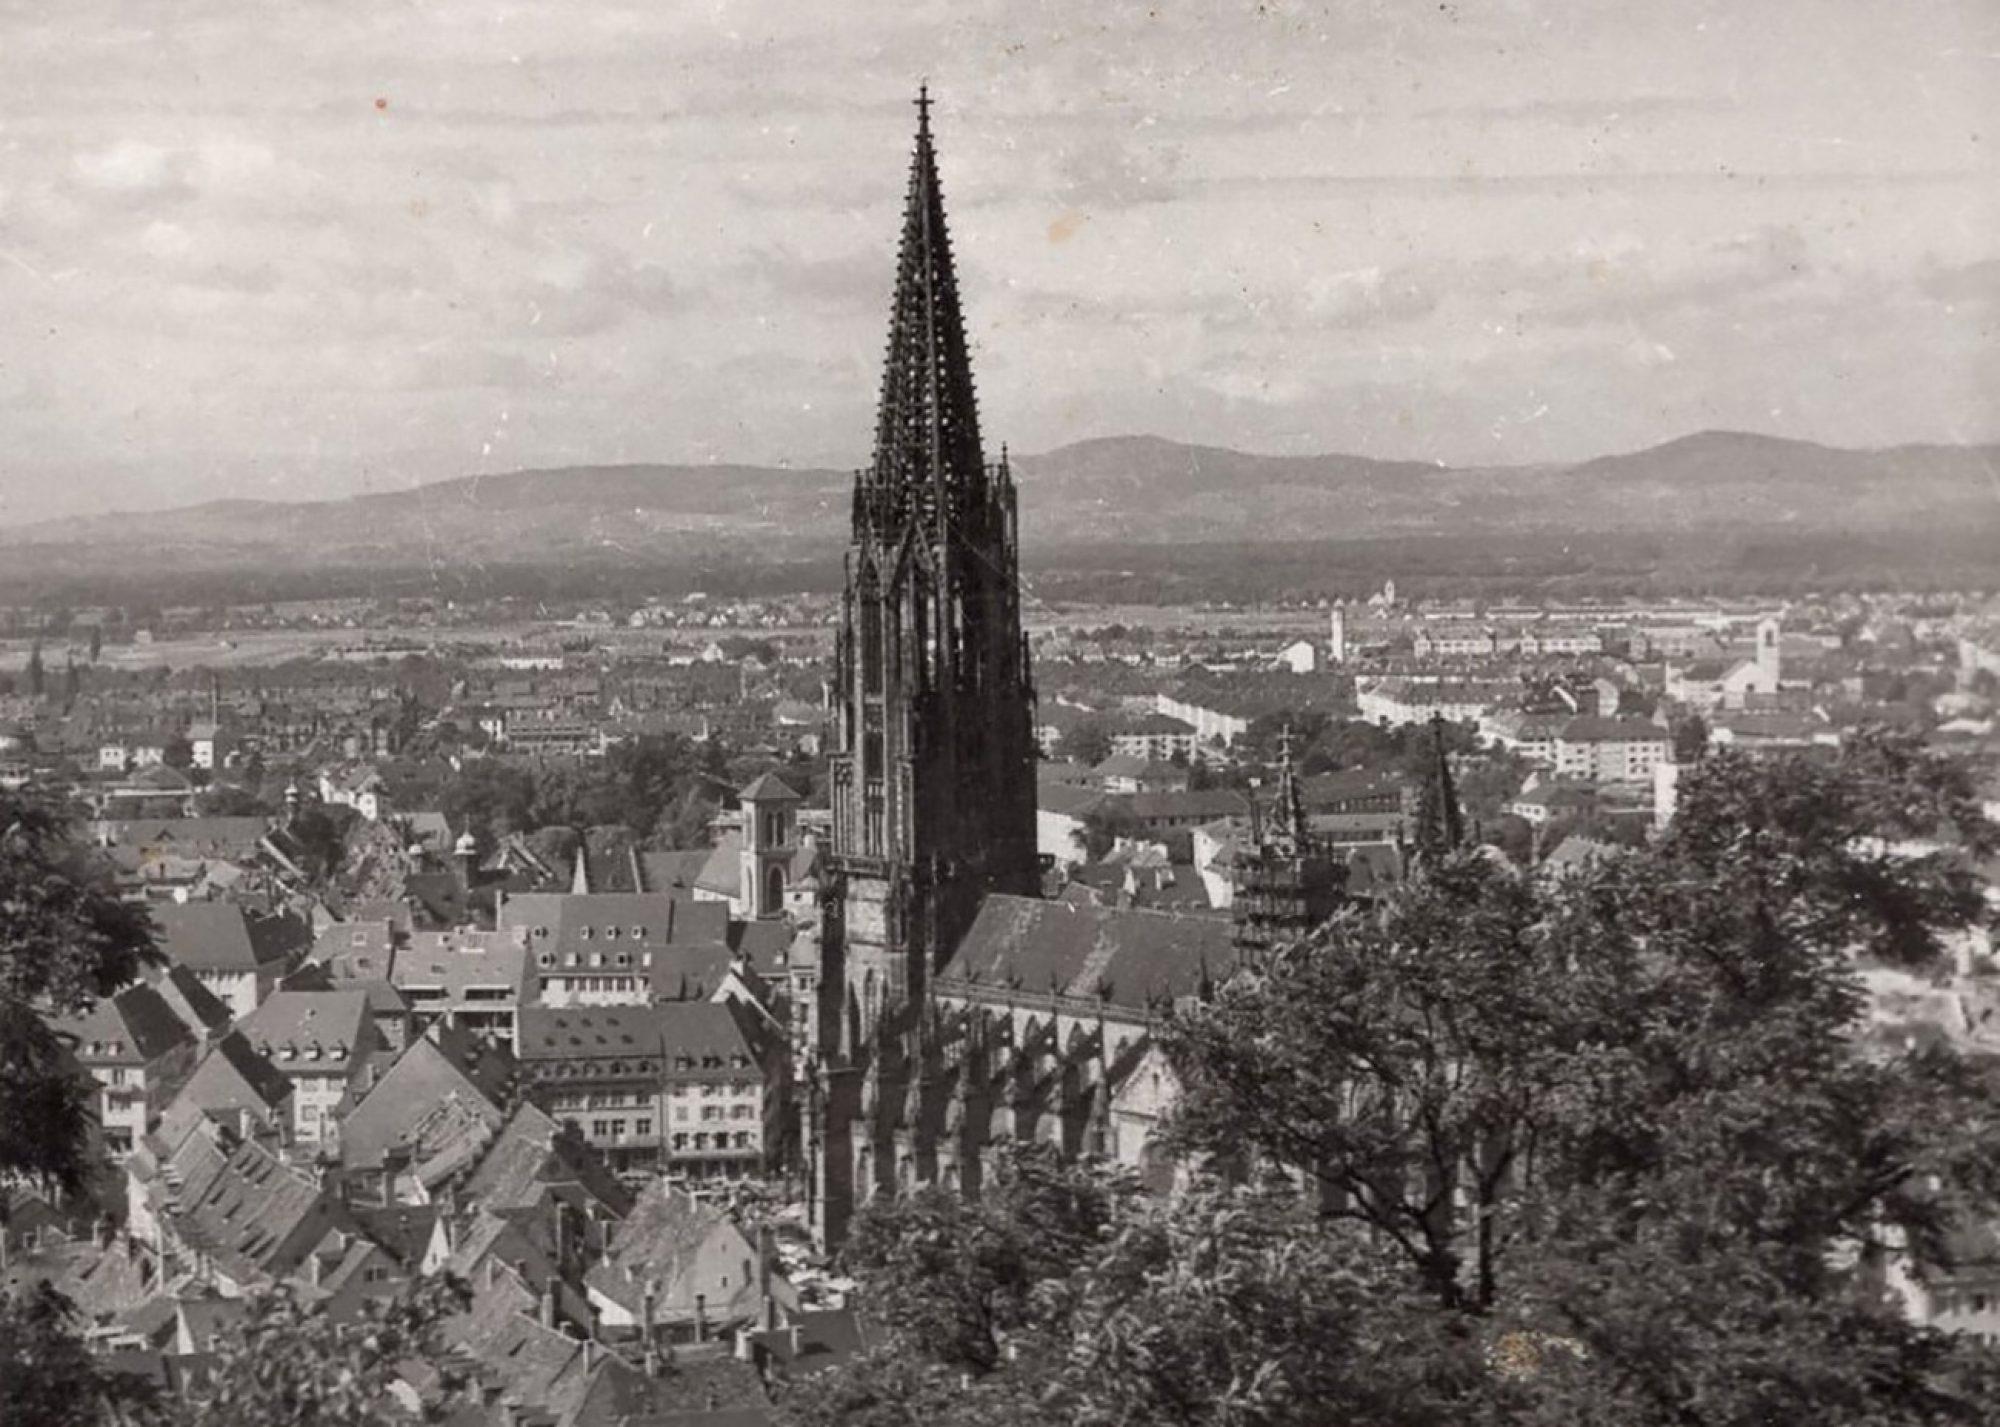 Hillas echte Linzertorte - Freiburg